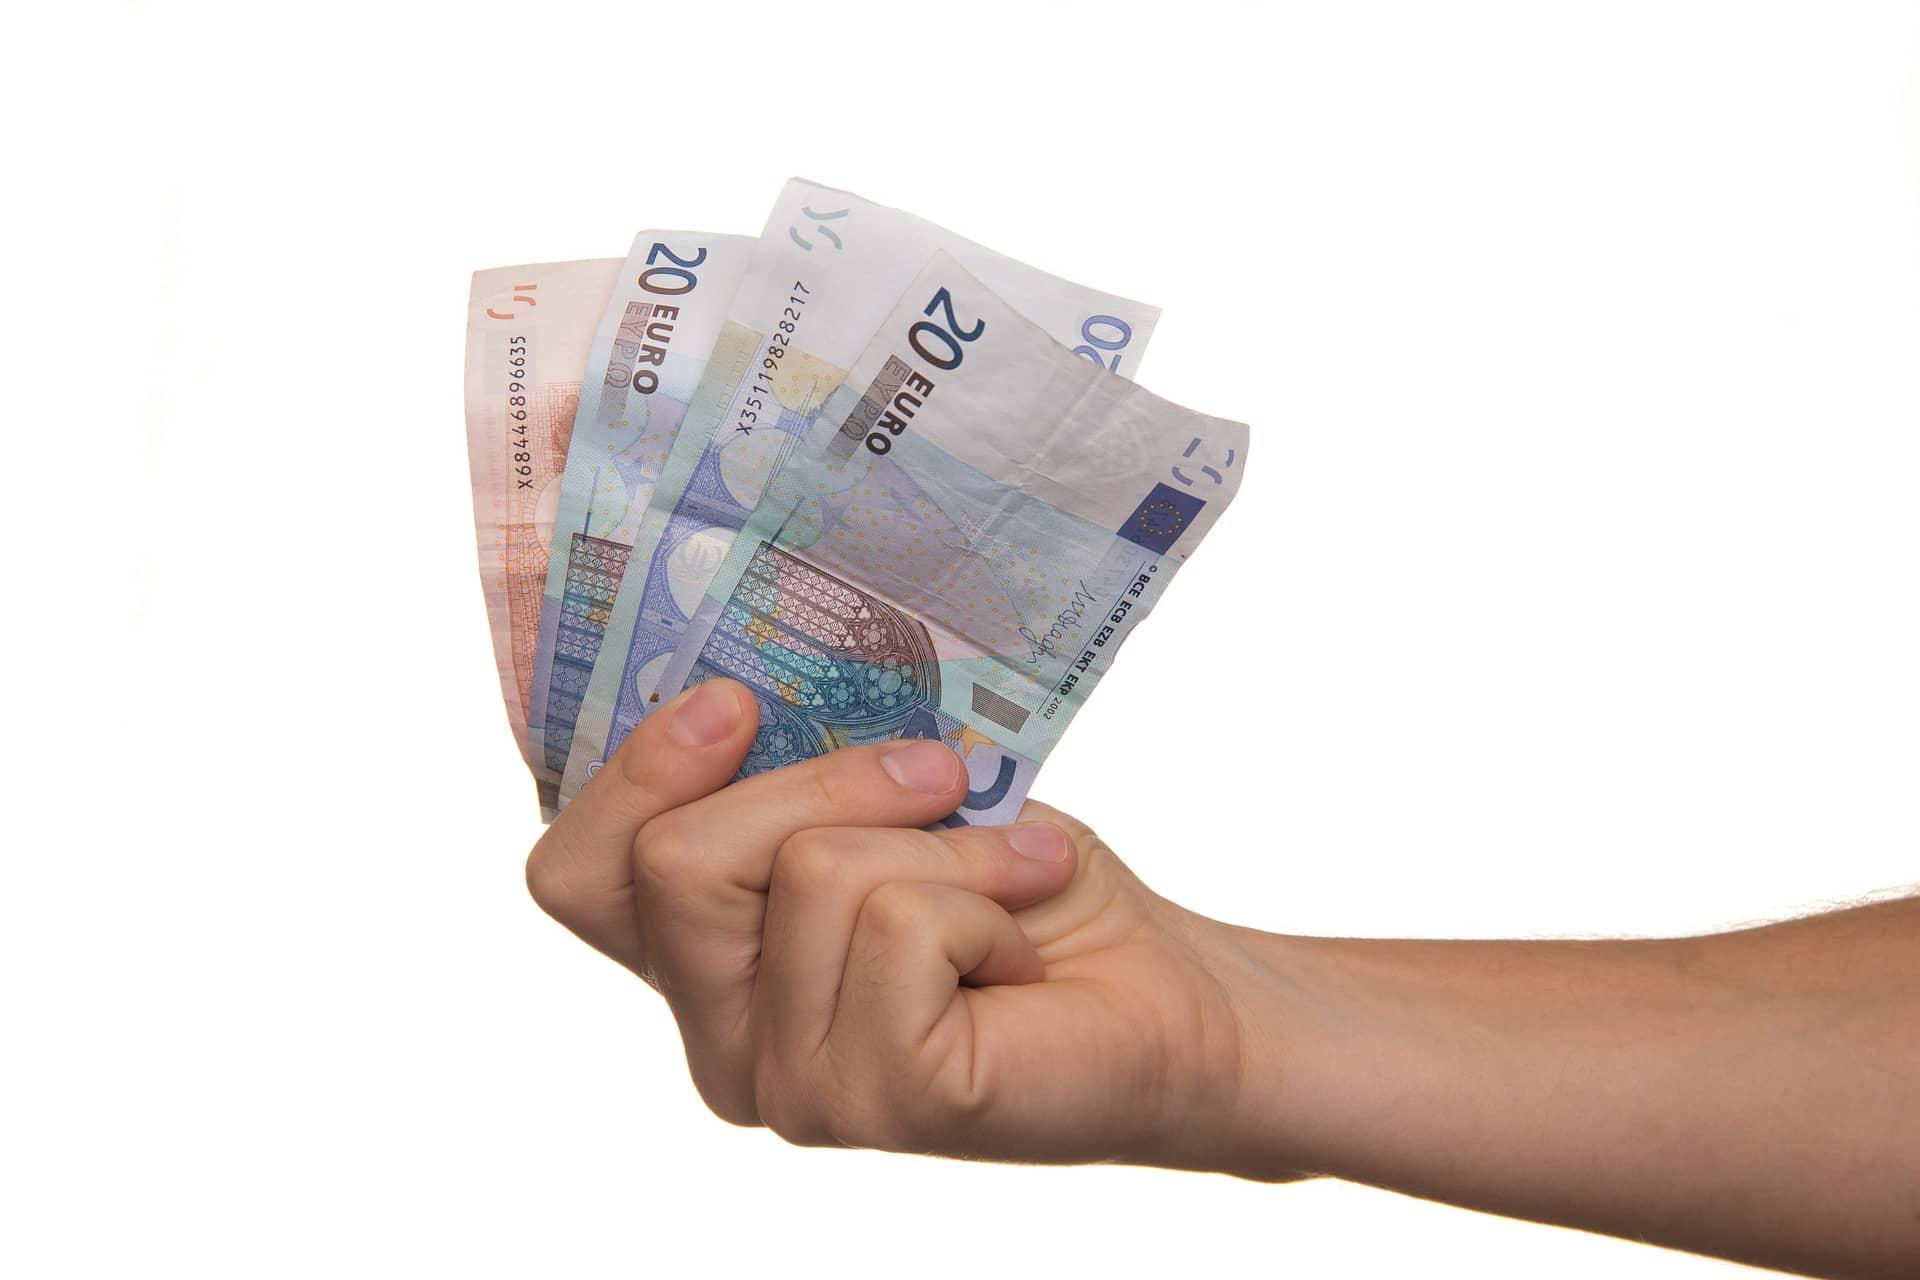 Hitta företag som lånar ut pengar till andra | Så gör du!